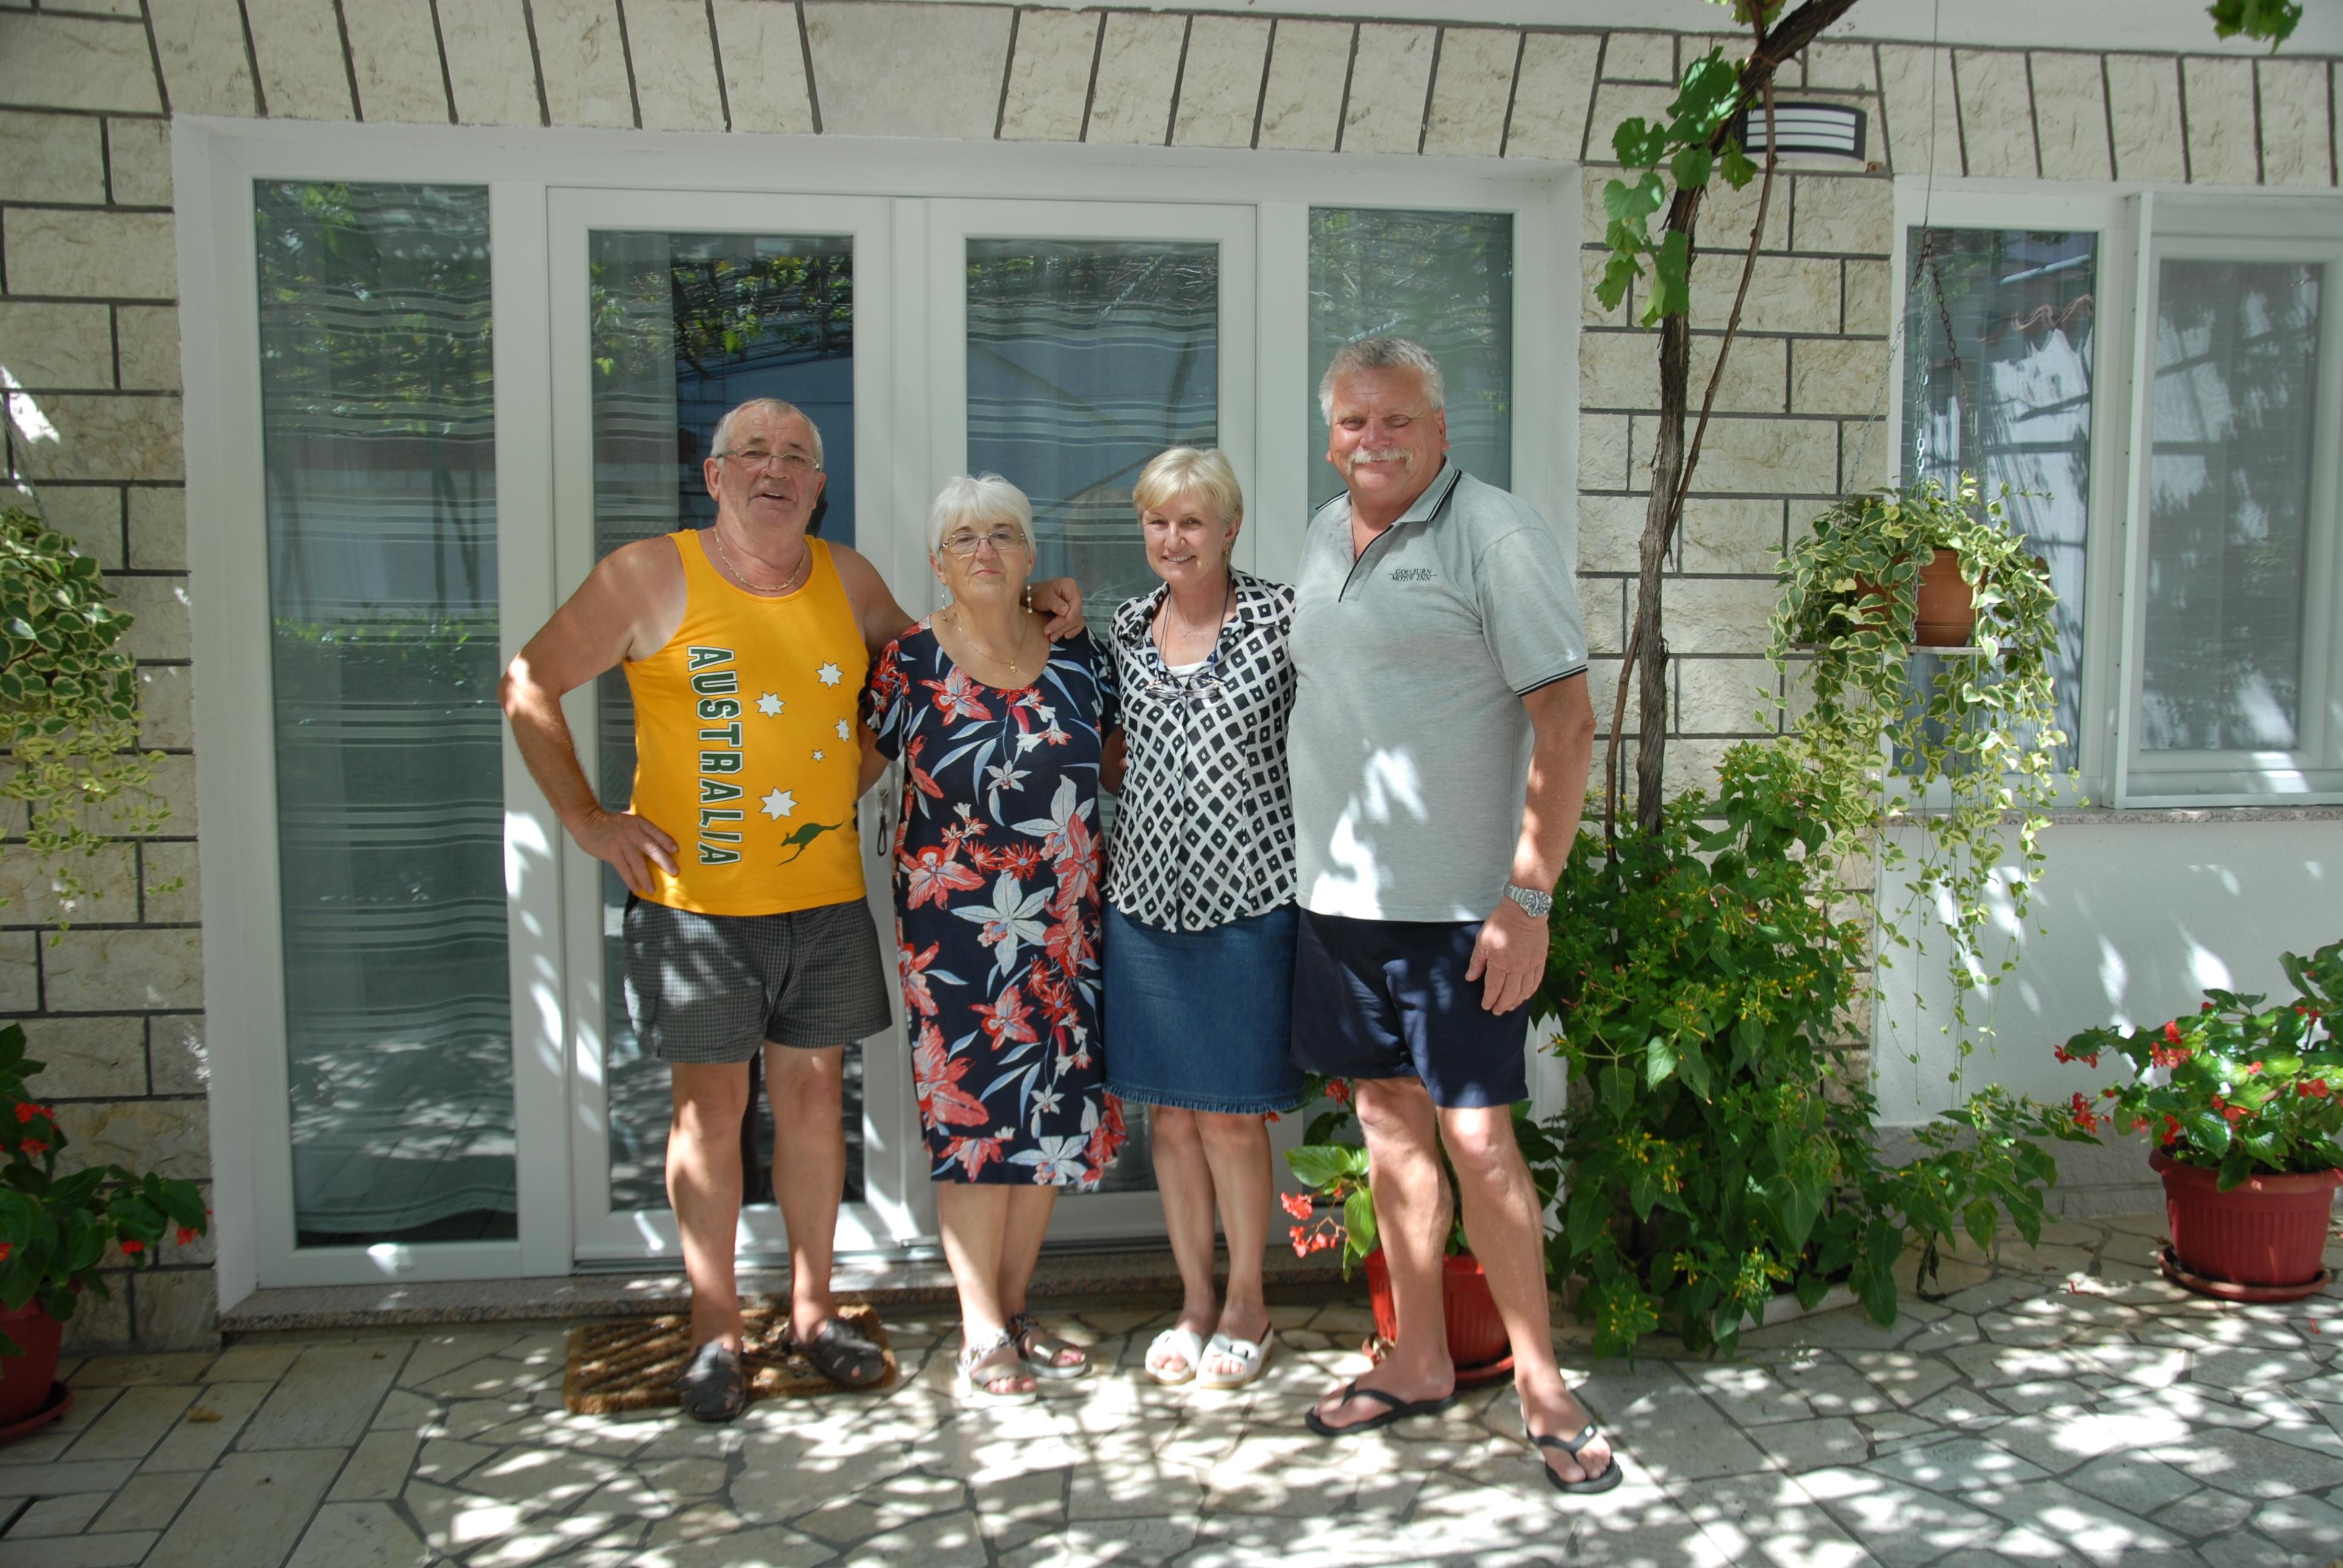 Obitelj na okupu - Ivan i Nela Pemper te Vesna i Kel Burnett u Triblju / Snimila Nataša CAR